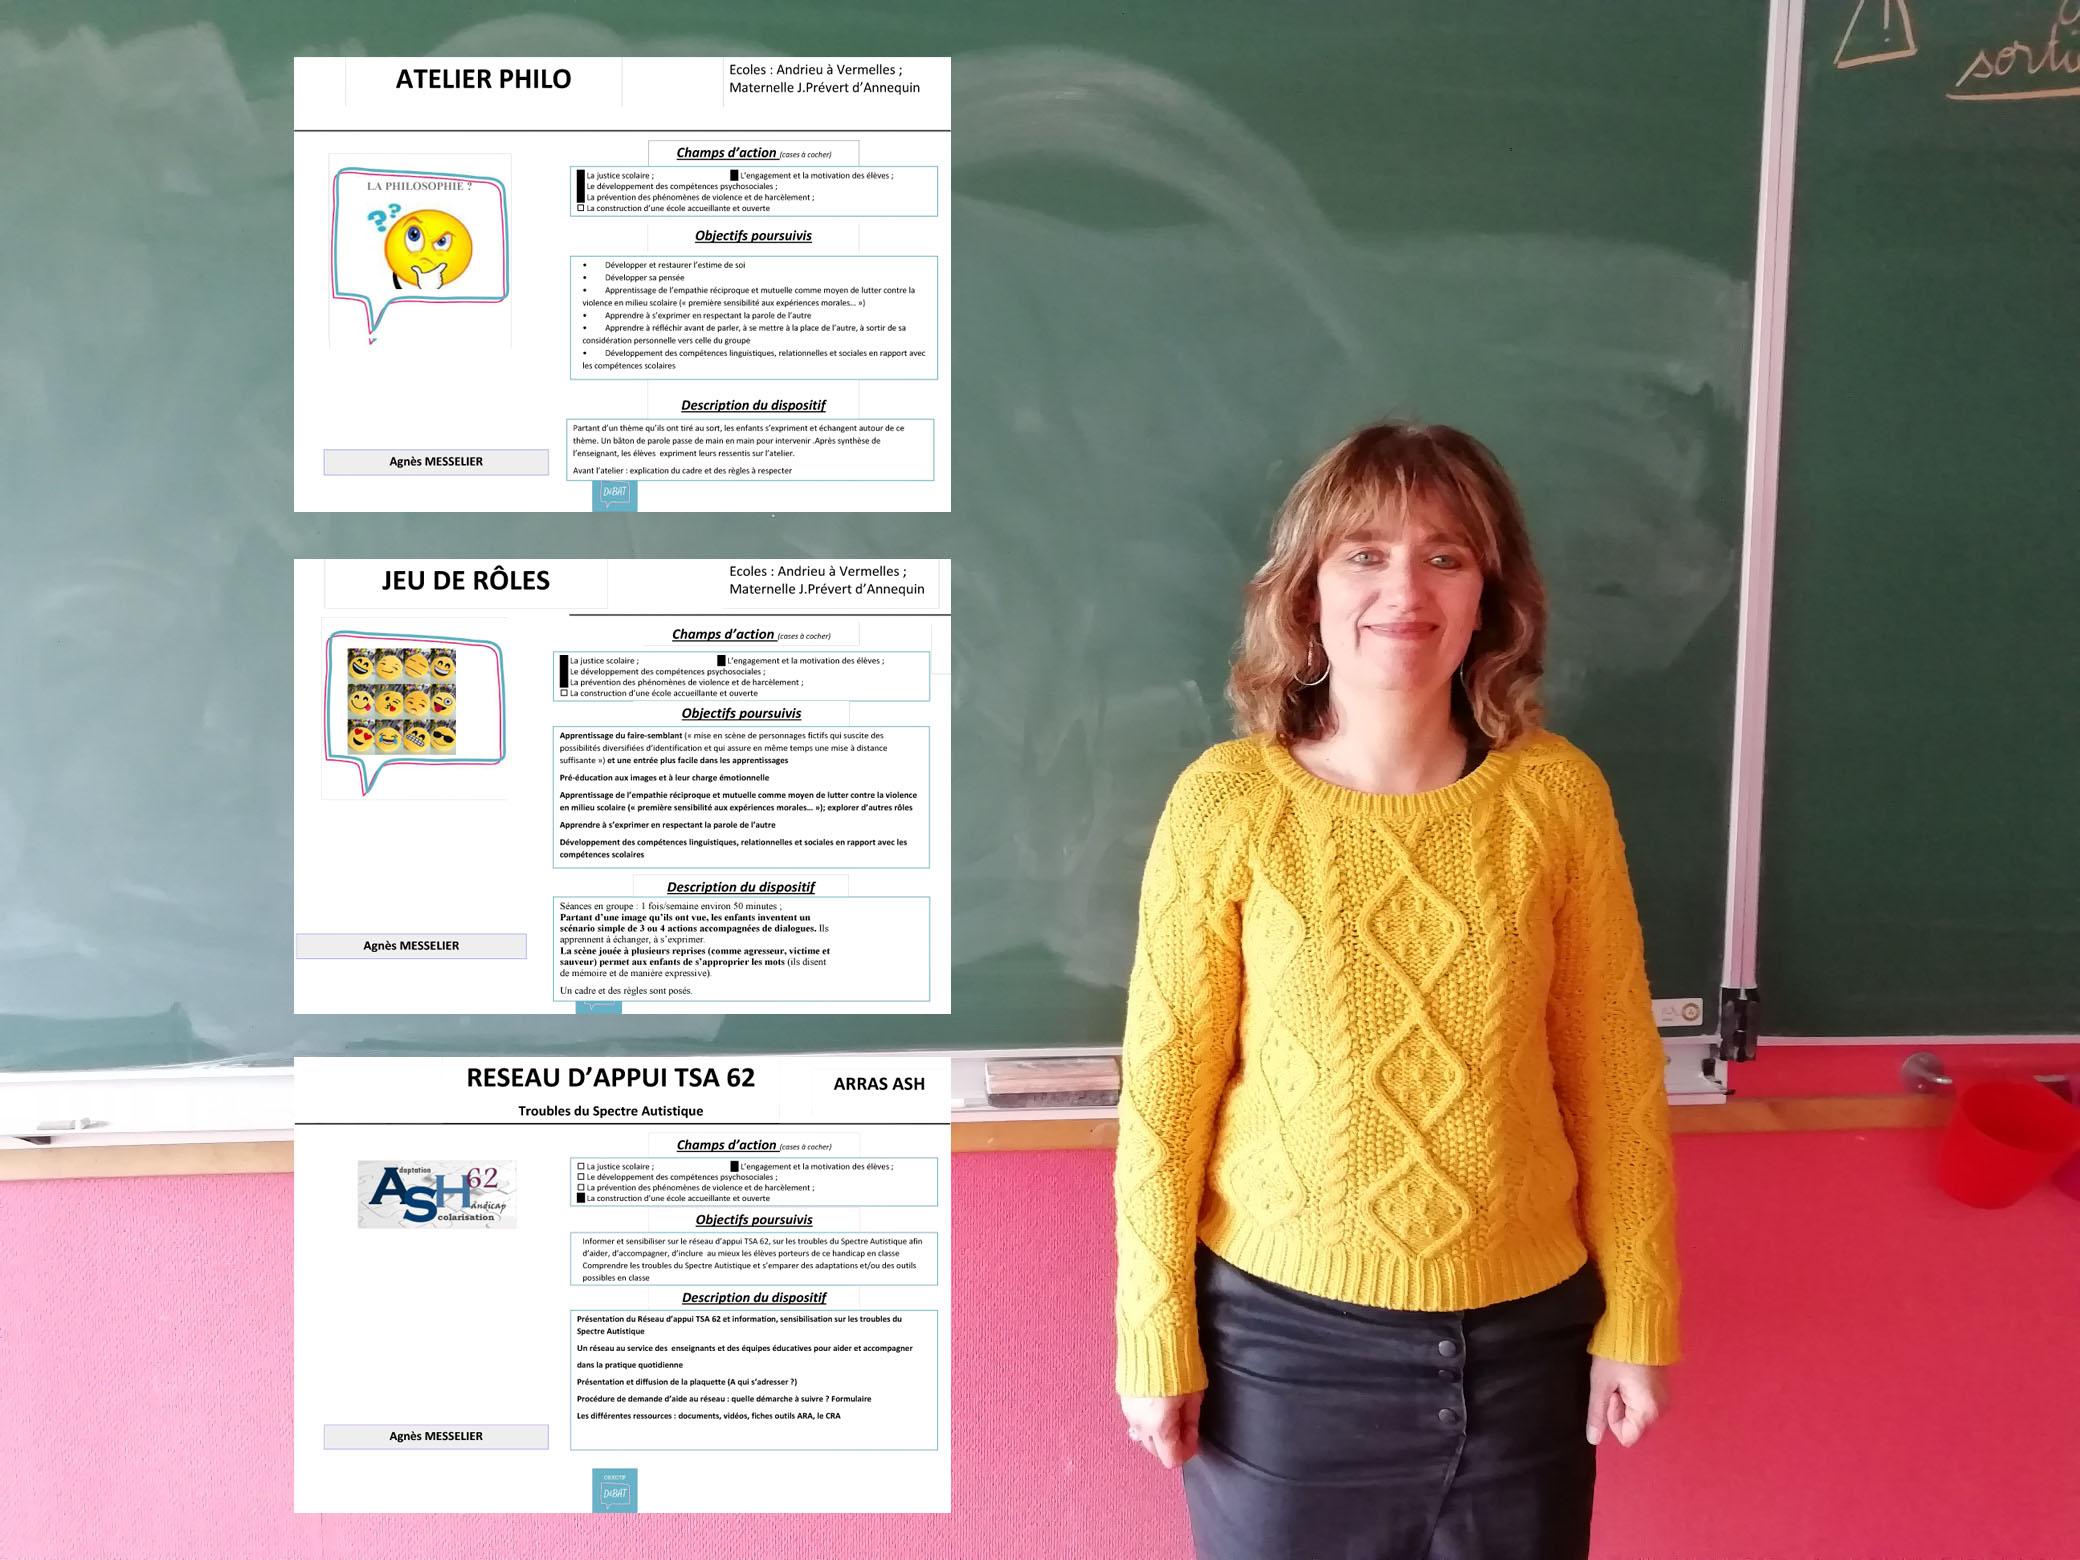 https://conservatoire.etab.ac-lille.fr/files/2019/04/Agnès.jpg